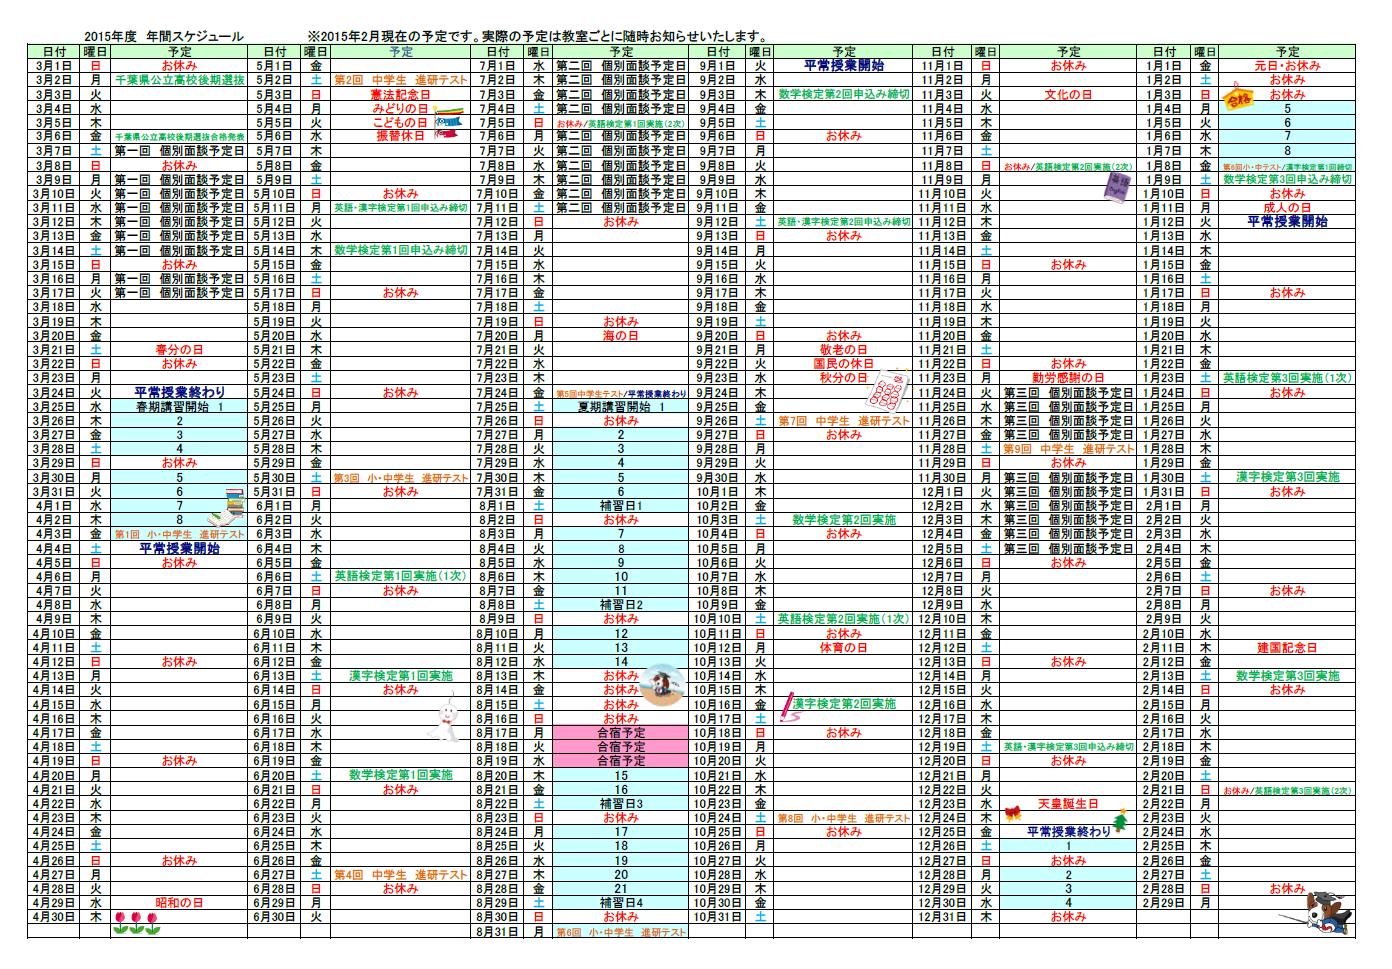 2015年間予定表 : 年間 スケジュール テンプレート 2015 : すべての講義